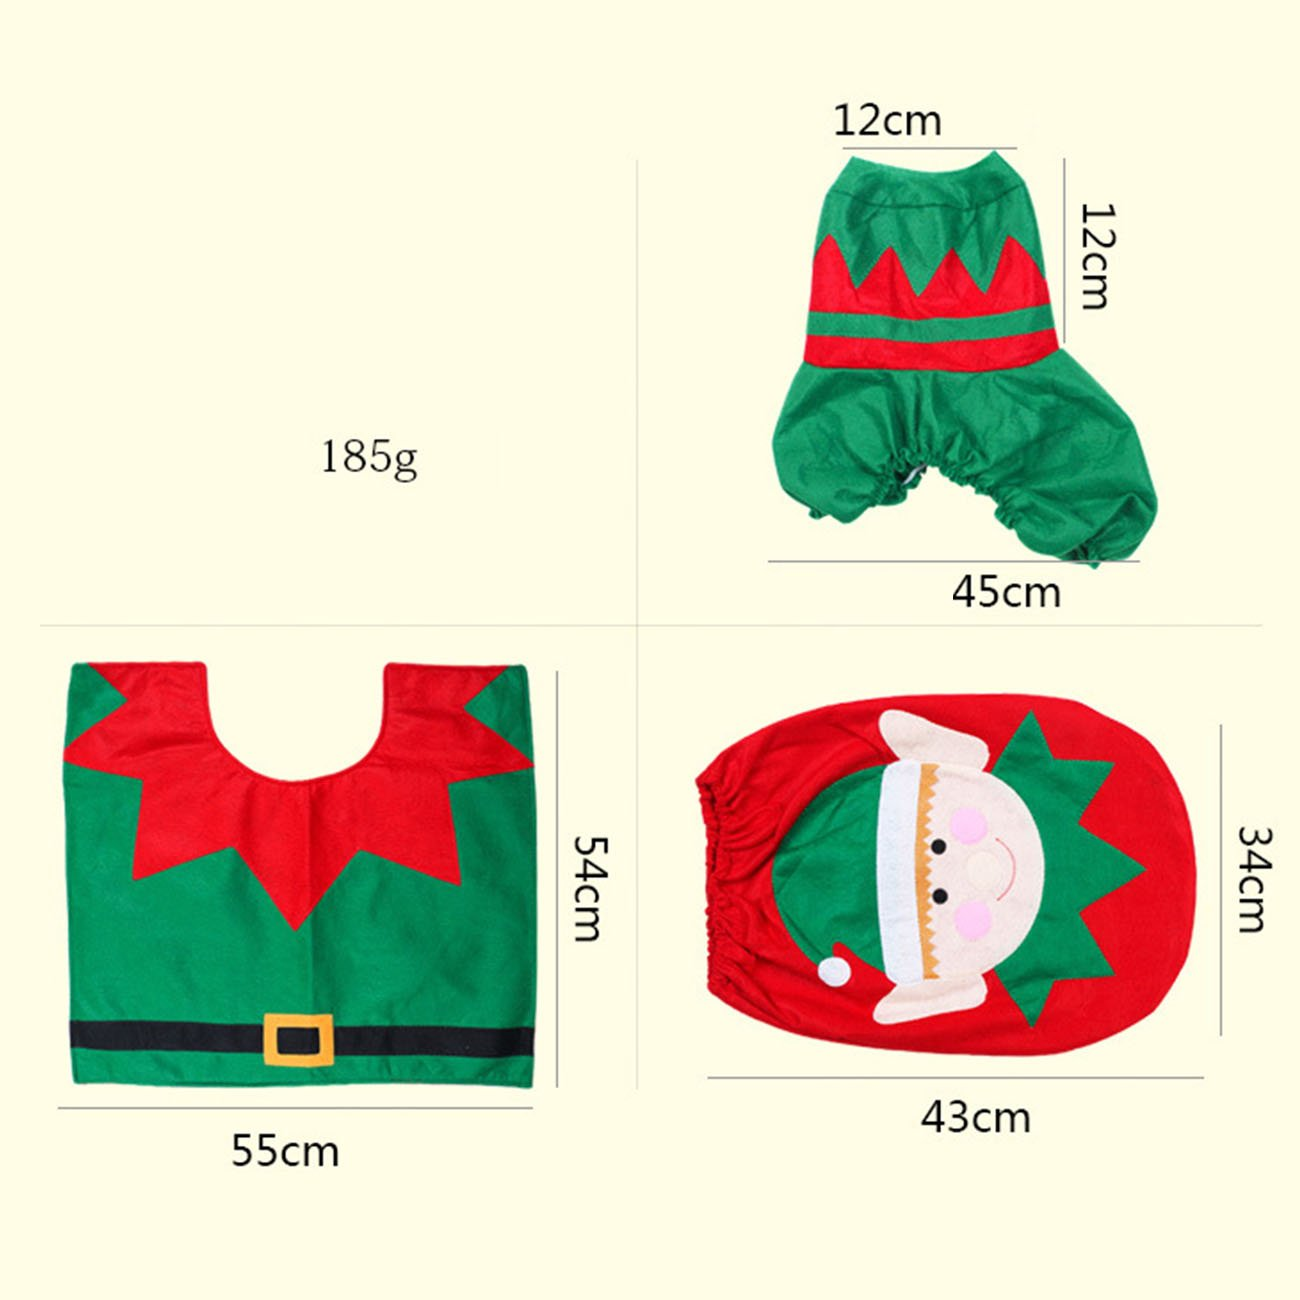 THEE Weihnachten Toilettensitzbezug Badezimmer WC Sitzbez/üge Tankabdeckung Matte und Teppich Weihnachtsdekoration 3er Set